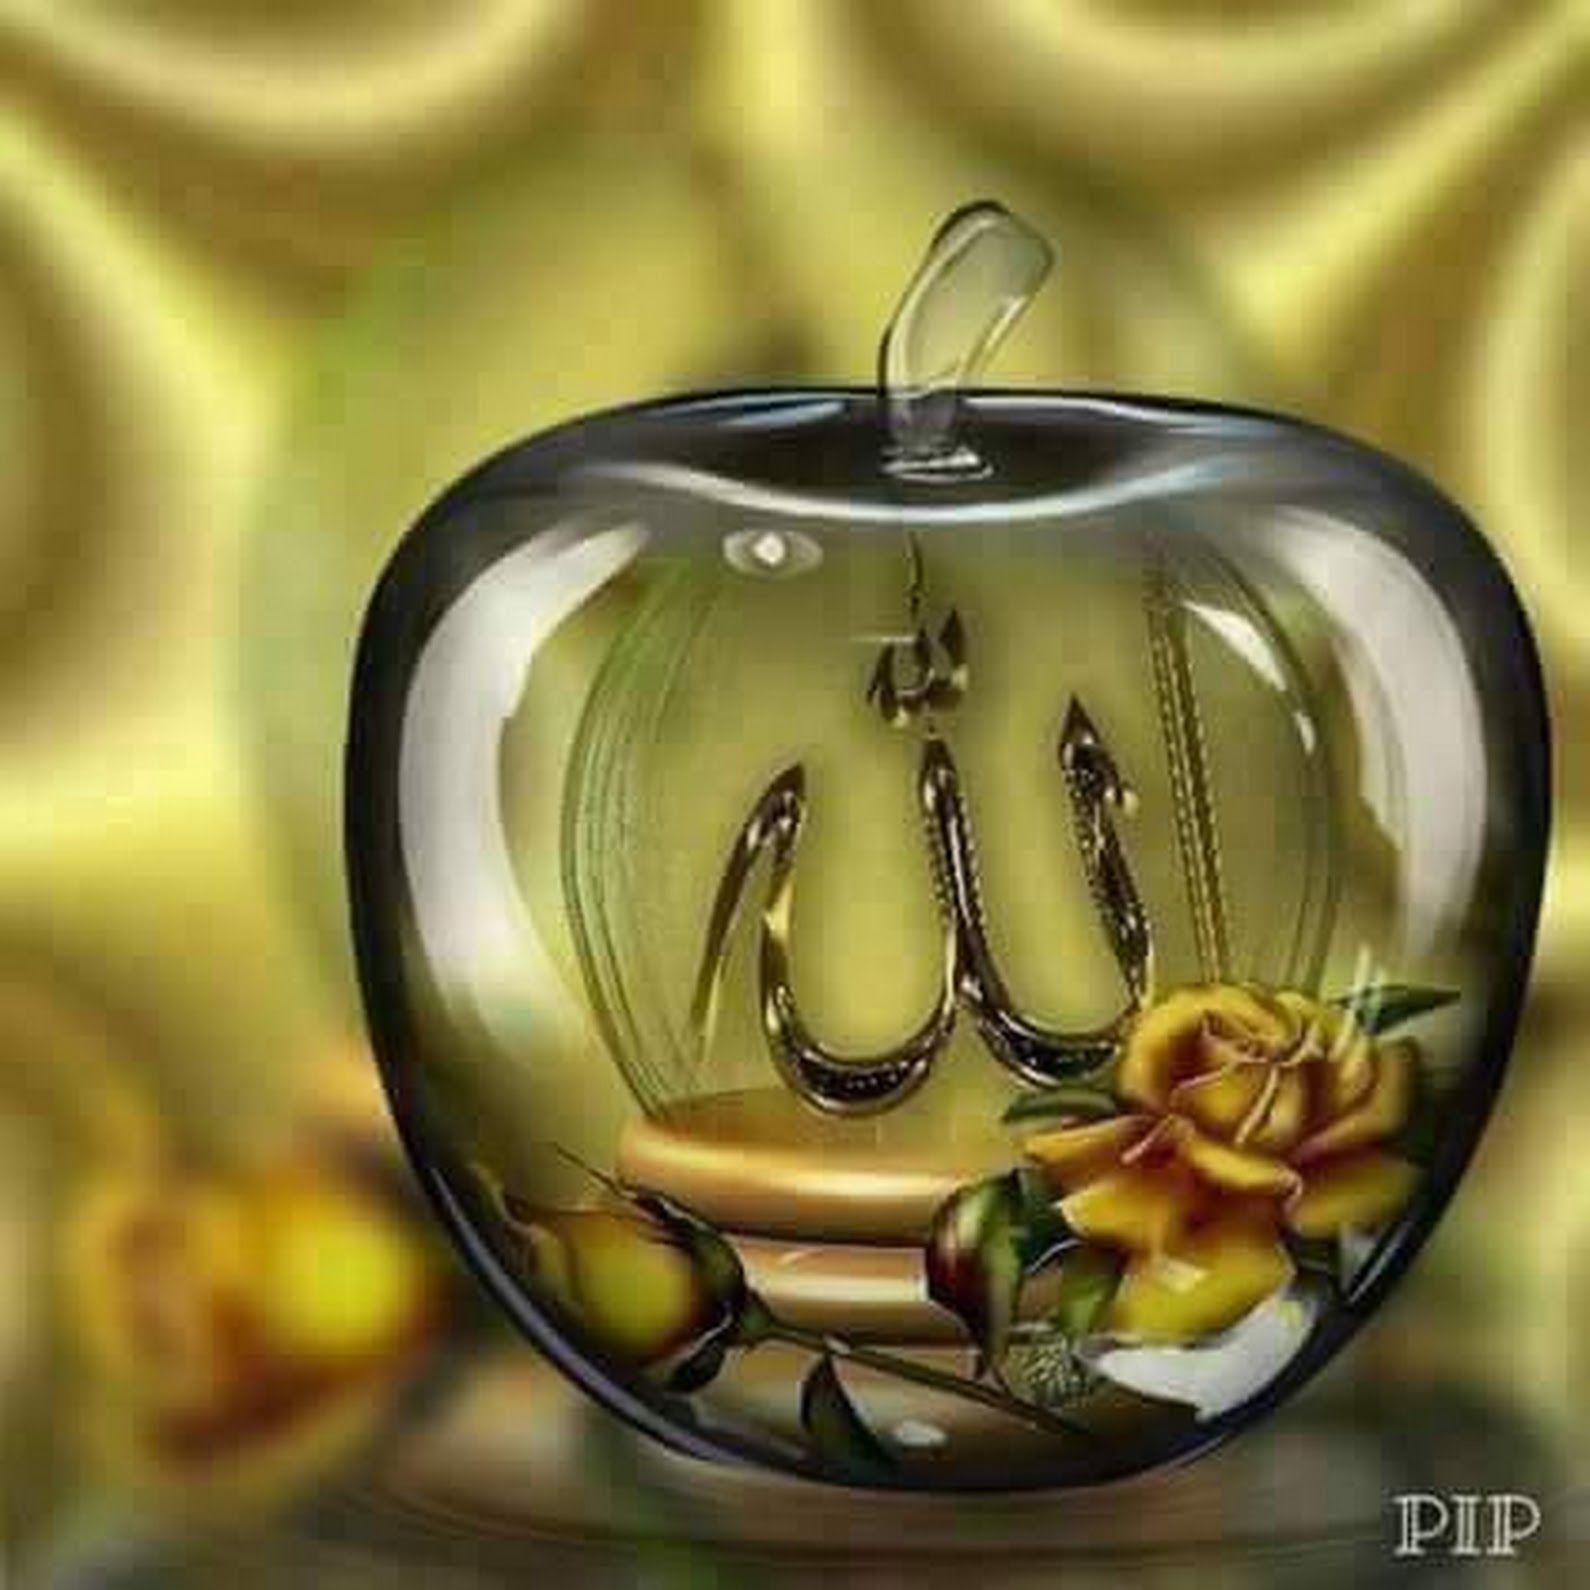 Pin by Eganagasimova AMINAMIN on Ислам Islamic wall art